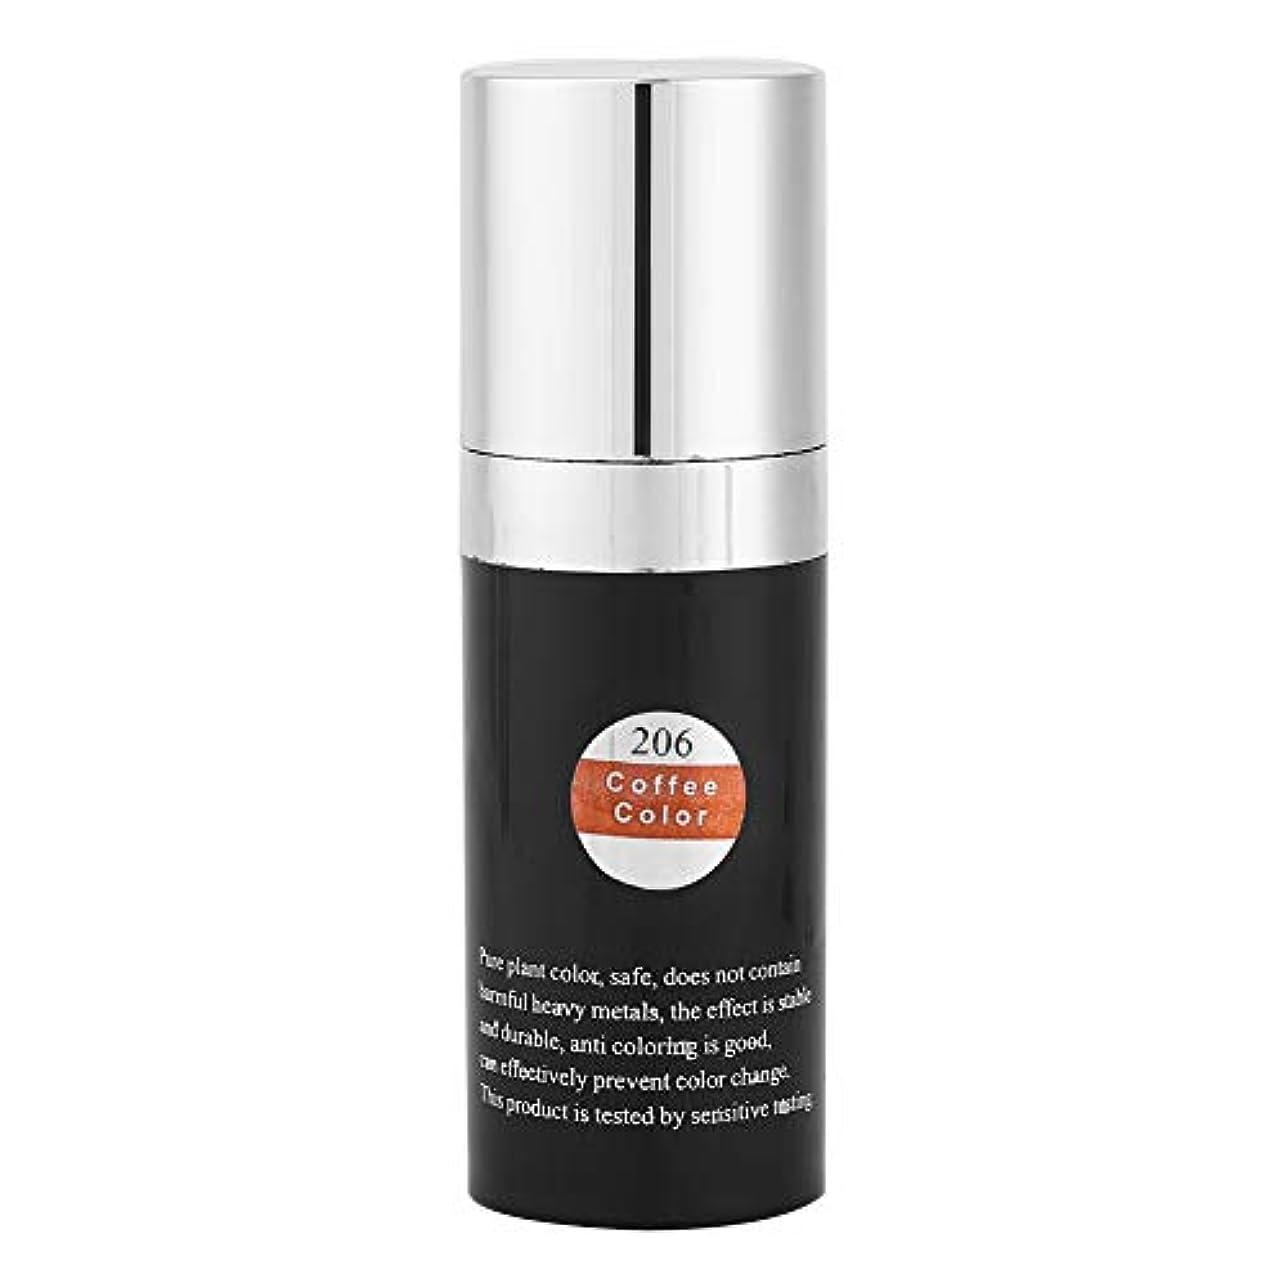 6色顔料の入れ墨、有機性植物の顔料インク眉毛の唇の目ライン永久的な色の構造の入れ墨の化粧品インク(コーヒー)